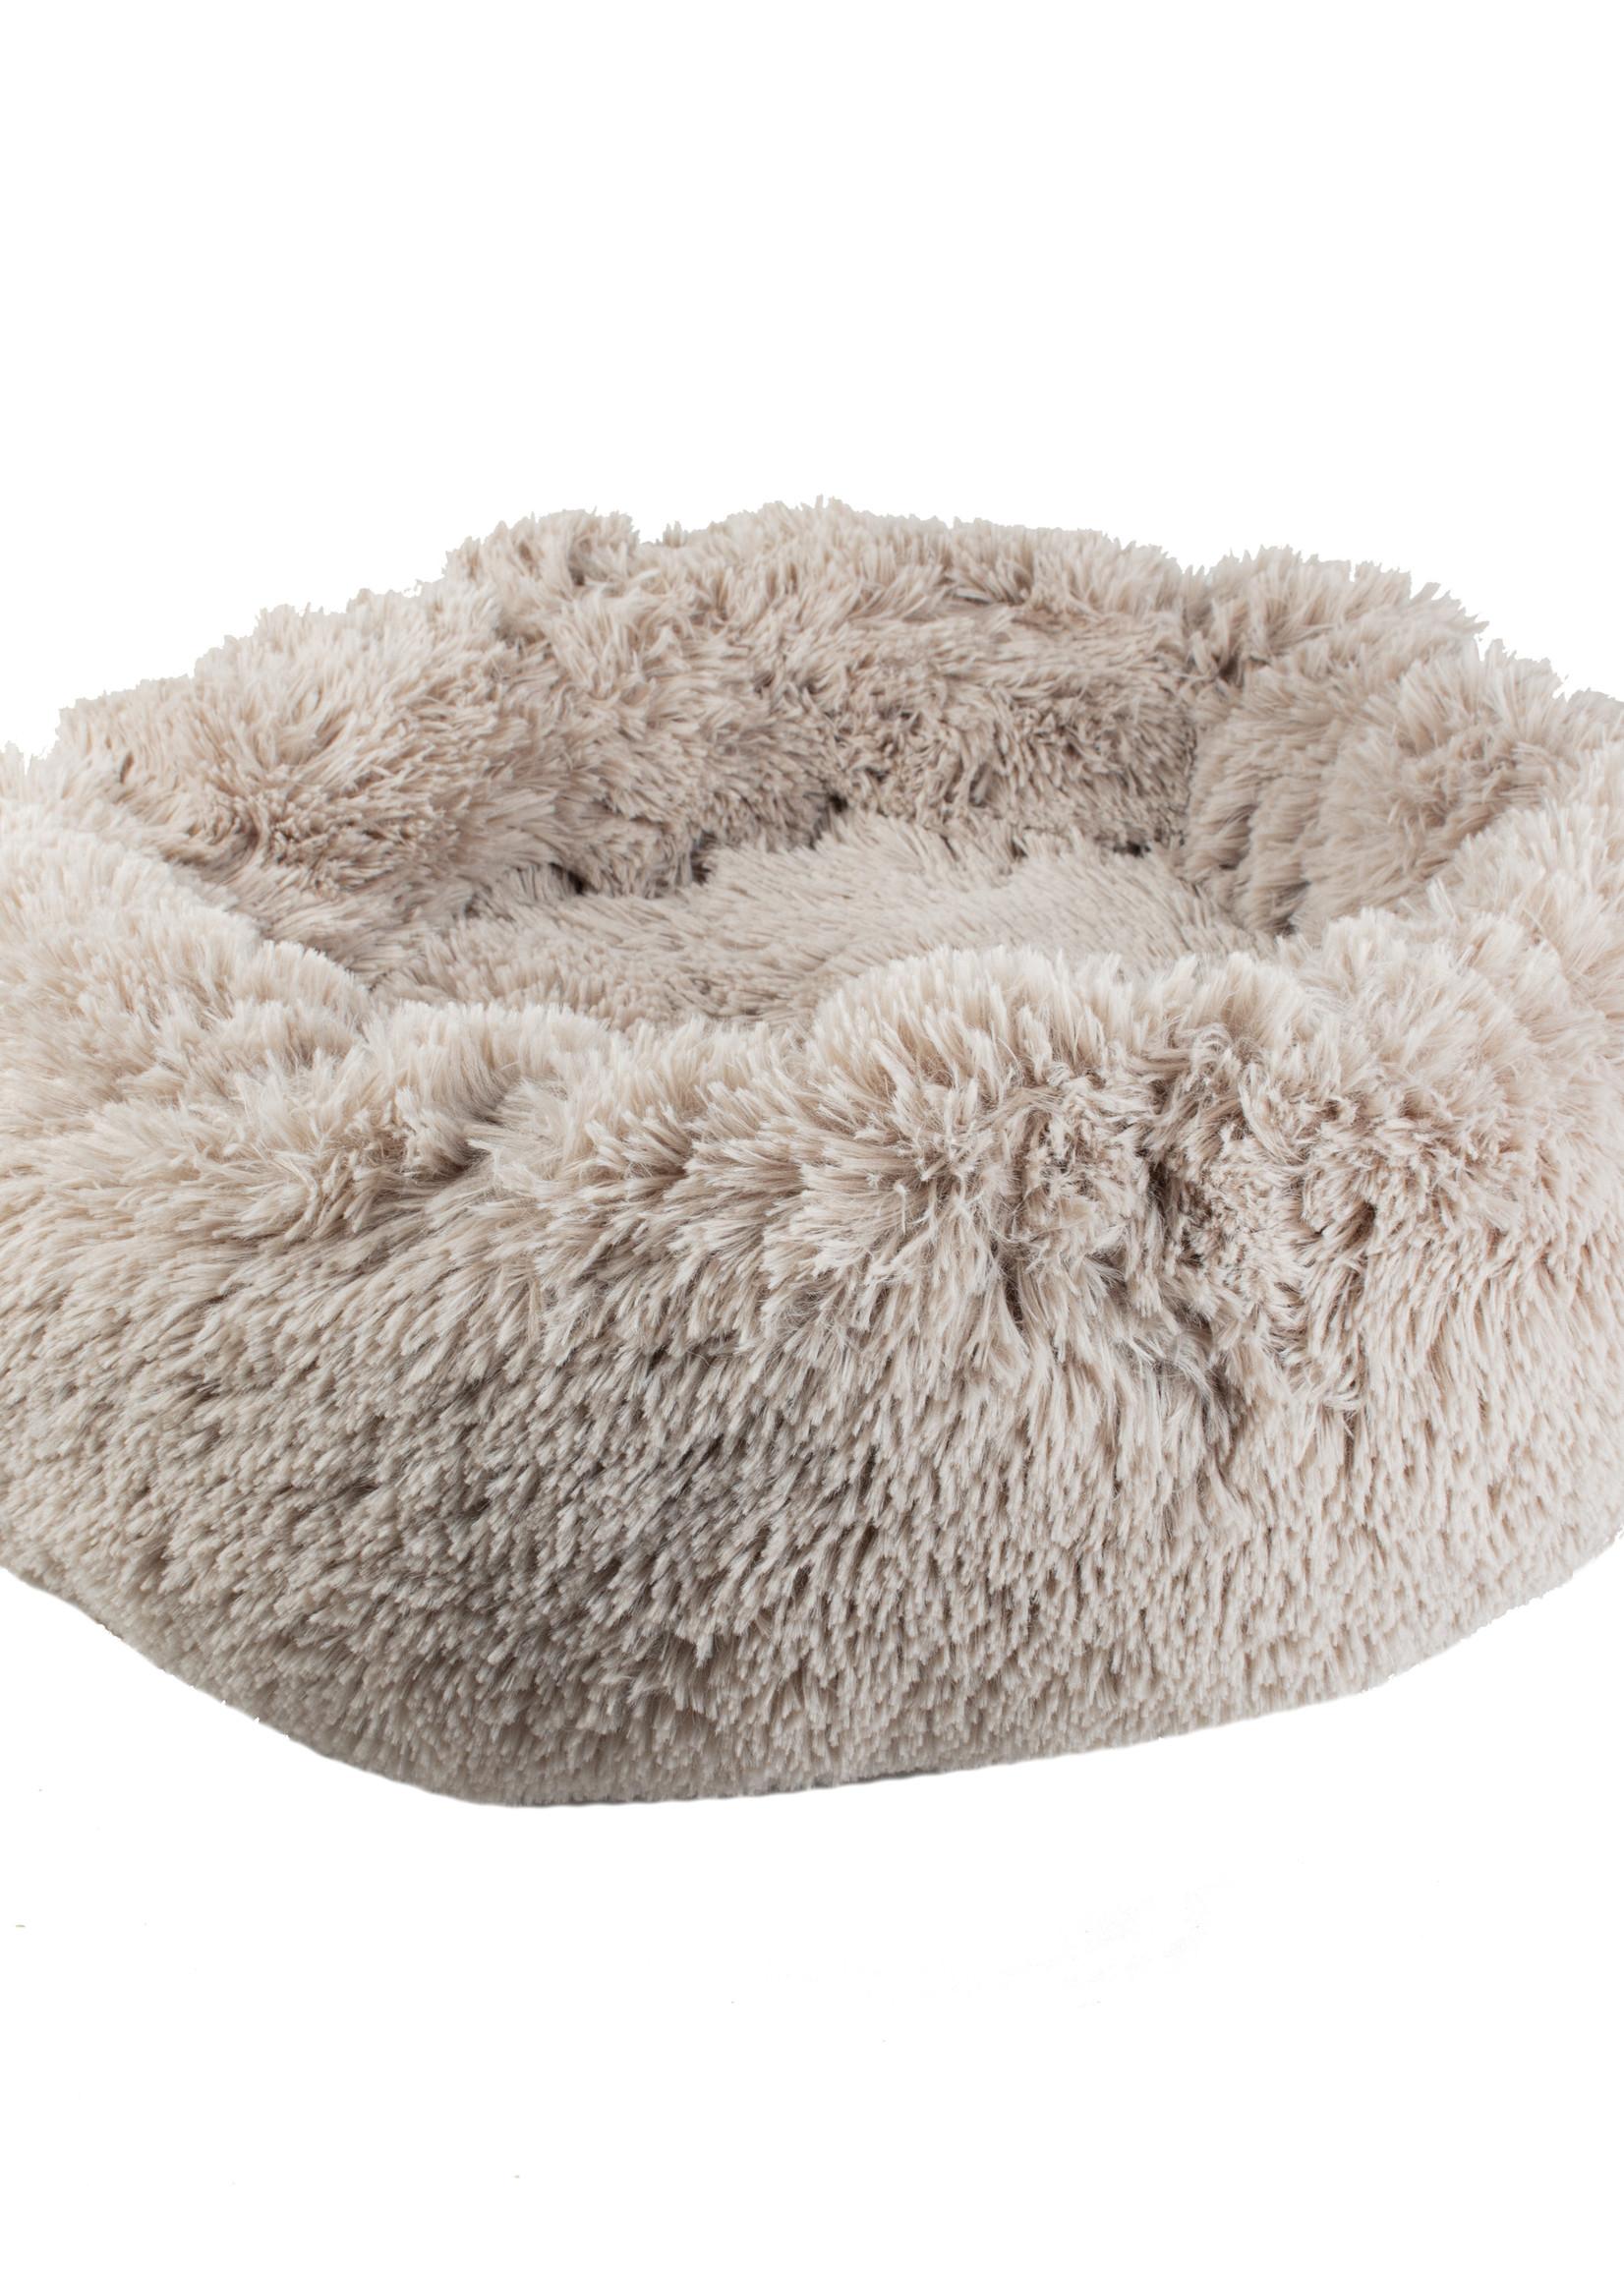 Duvo+ Cozy donut bed